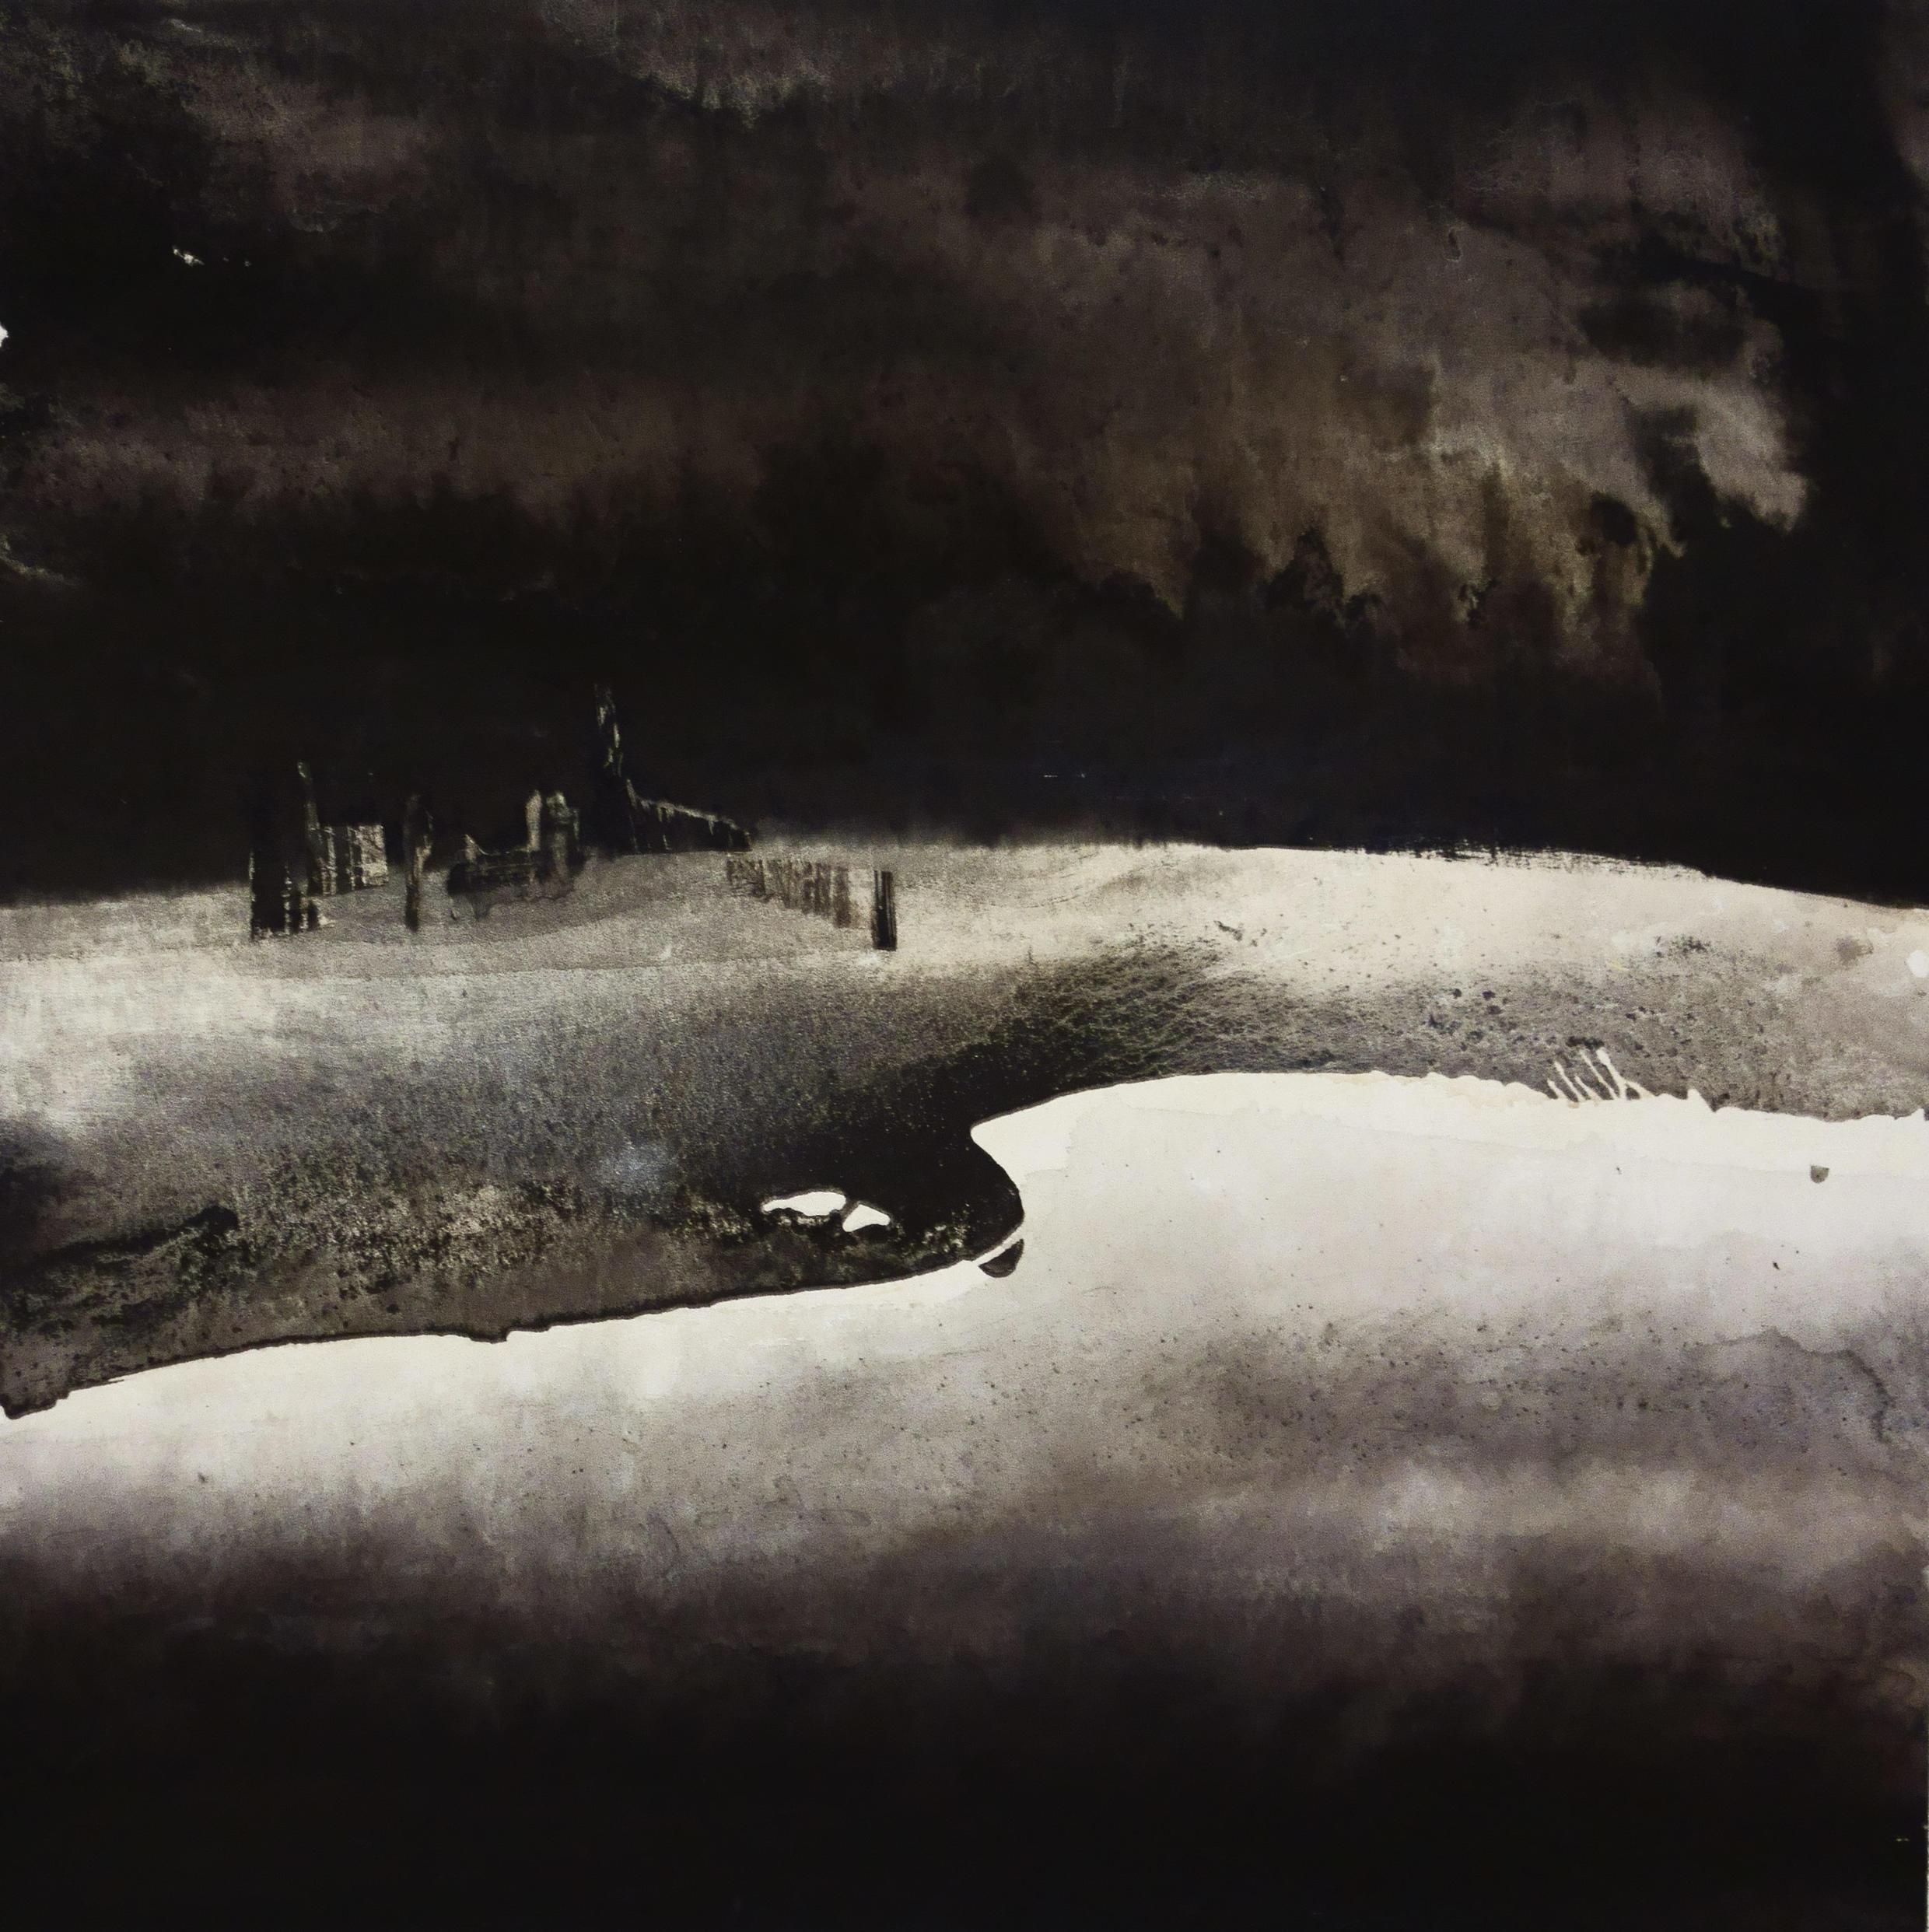 Li Chevalier : « 8 Sept 11 The Sky of Beijing » (2014), 150 x 150 cm.